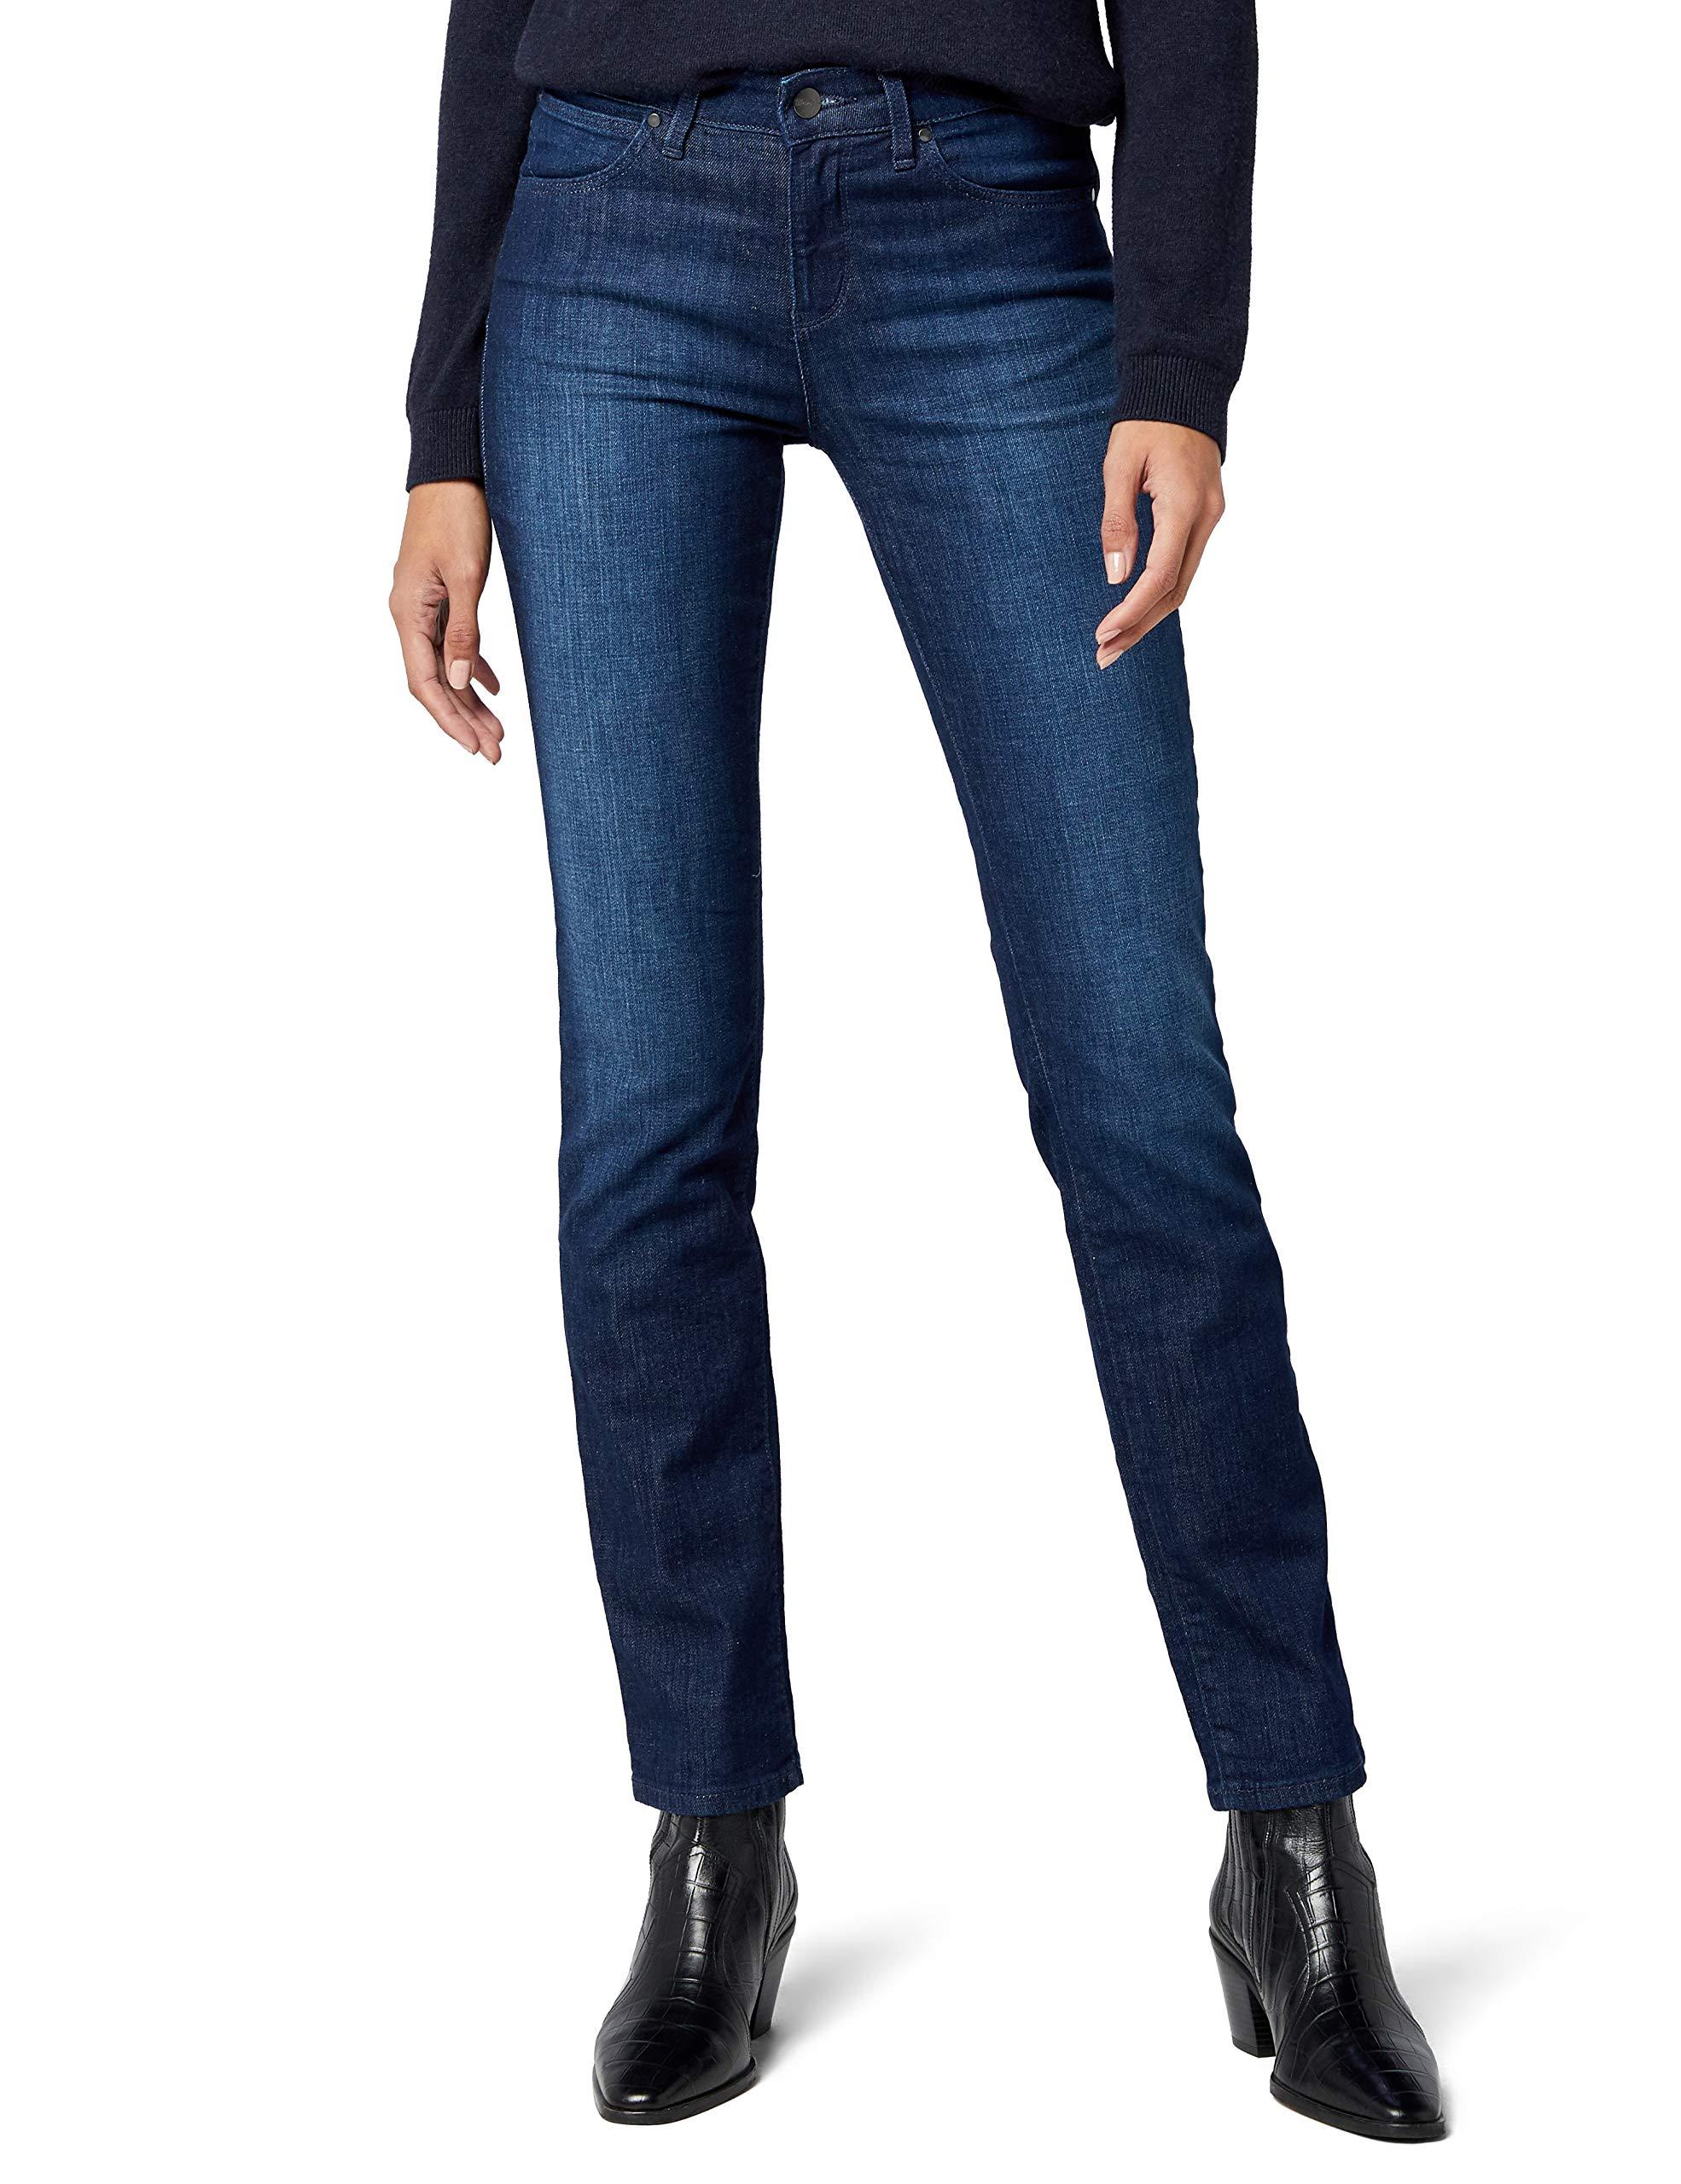 BlueJeans l34 BlueW31 Wrangler Straight Subtle FemmeBleusubtle l3TcFK1J